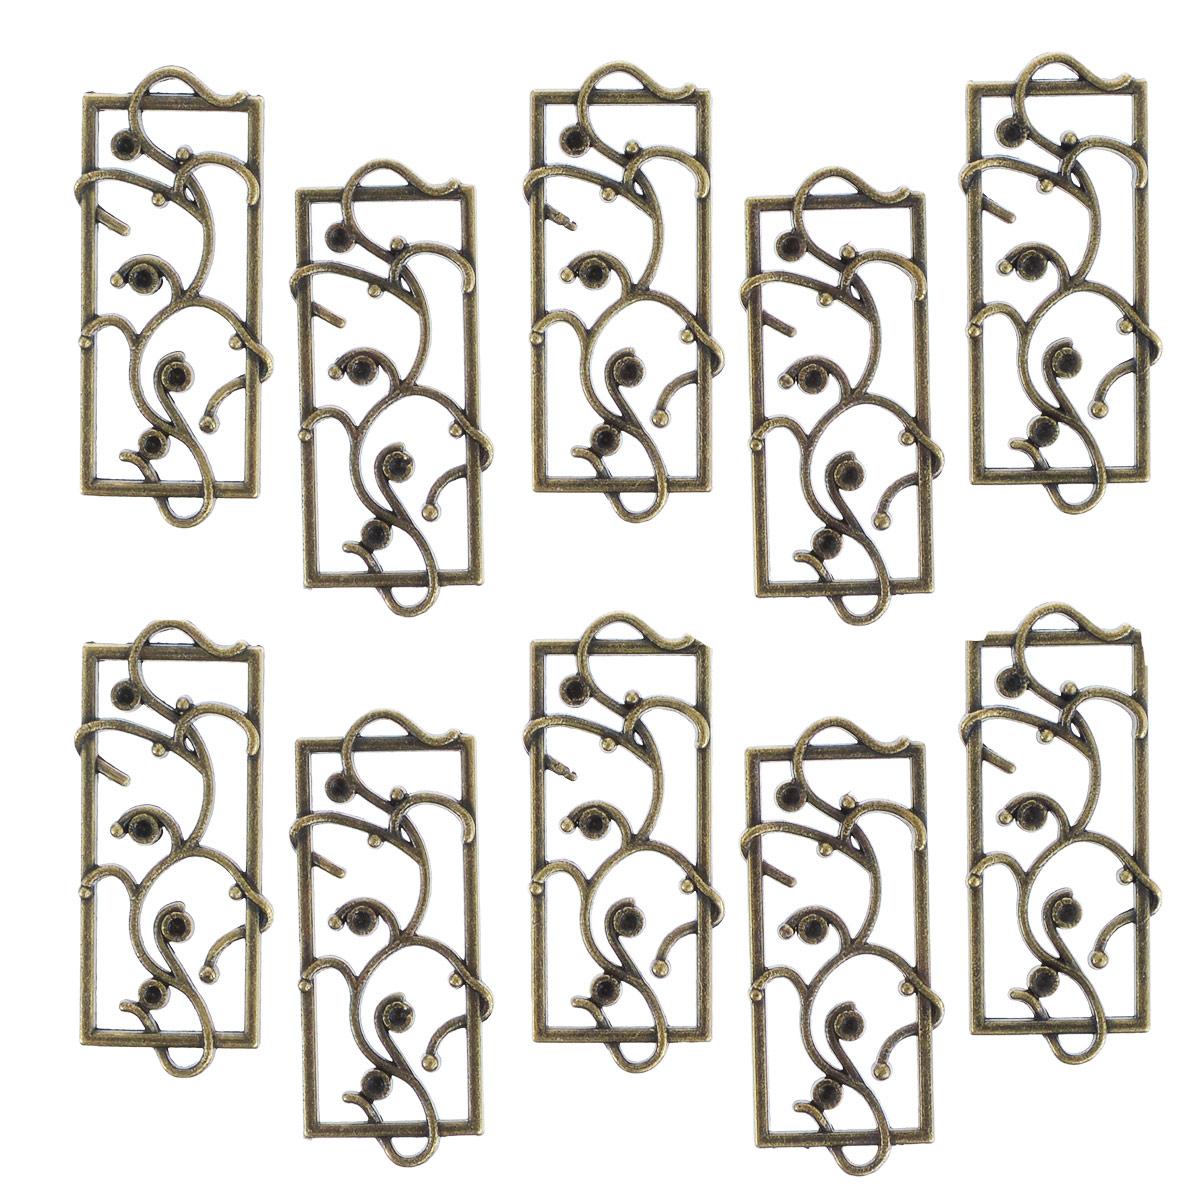 Металлическая подвеска ScrapBerrys Цветочная рамка, 1,4 см х 4 см, 10 штSCB250113132bМеталлическая подвеска ScrapBerrys Цветочная рамка выполнена из металла в виде оконной рамы, оплетенной растениями. Используется для изготовления украшений. Сделает ваш аксессуар неповторимым. Также может использоваться для украшения альбома, открыток, блокнотов, закладок, подарков. Изготовление украшений и скрапбукинг - занимательные увлечения и реализация творческих способностей, а так же возможность для совместного проведения времени вместе с друзьями и детьми. Радуйте себя и своих близких украшениями, сделанными своими руками! Размер подвески: 40 мм х 14 мм.